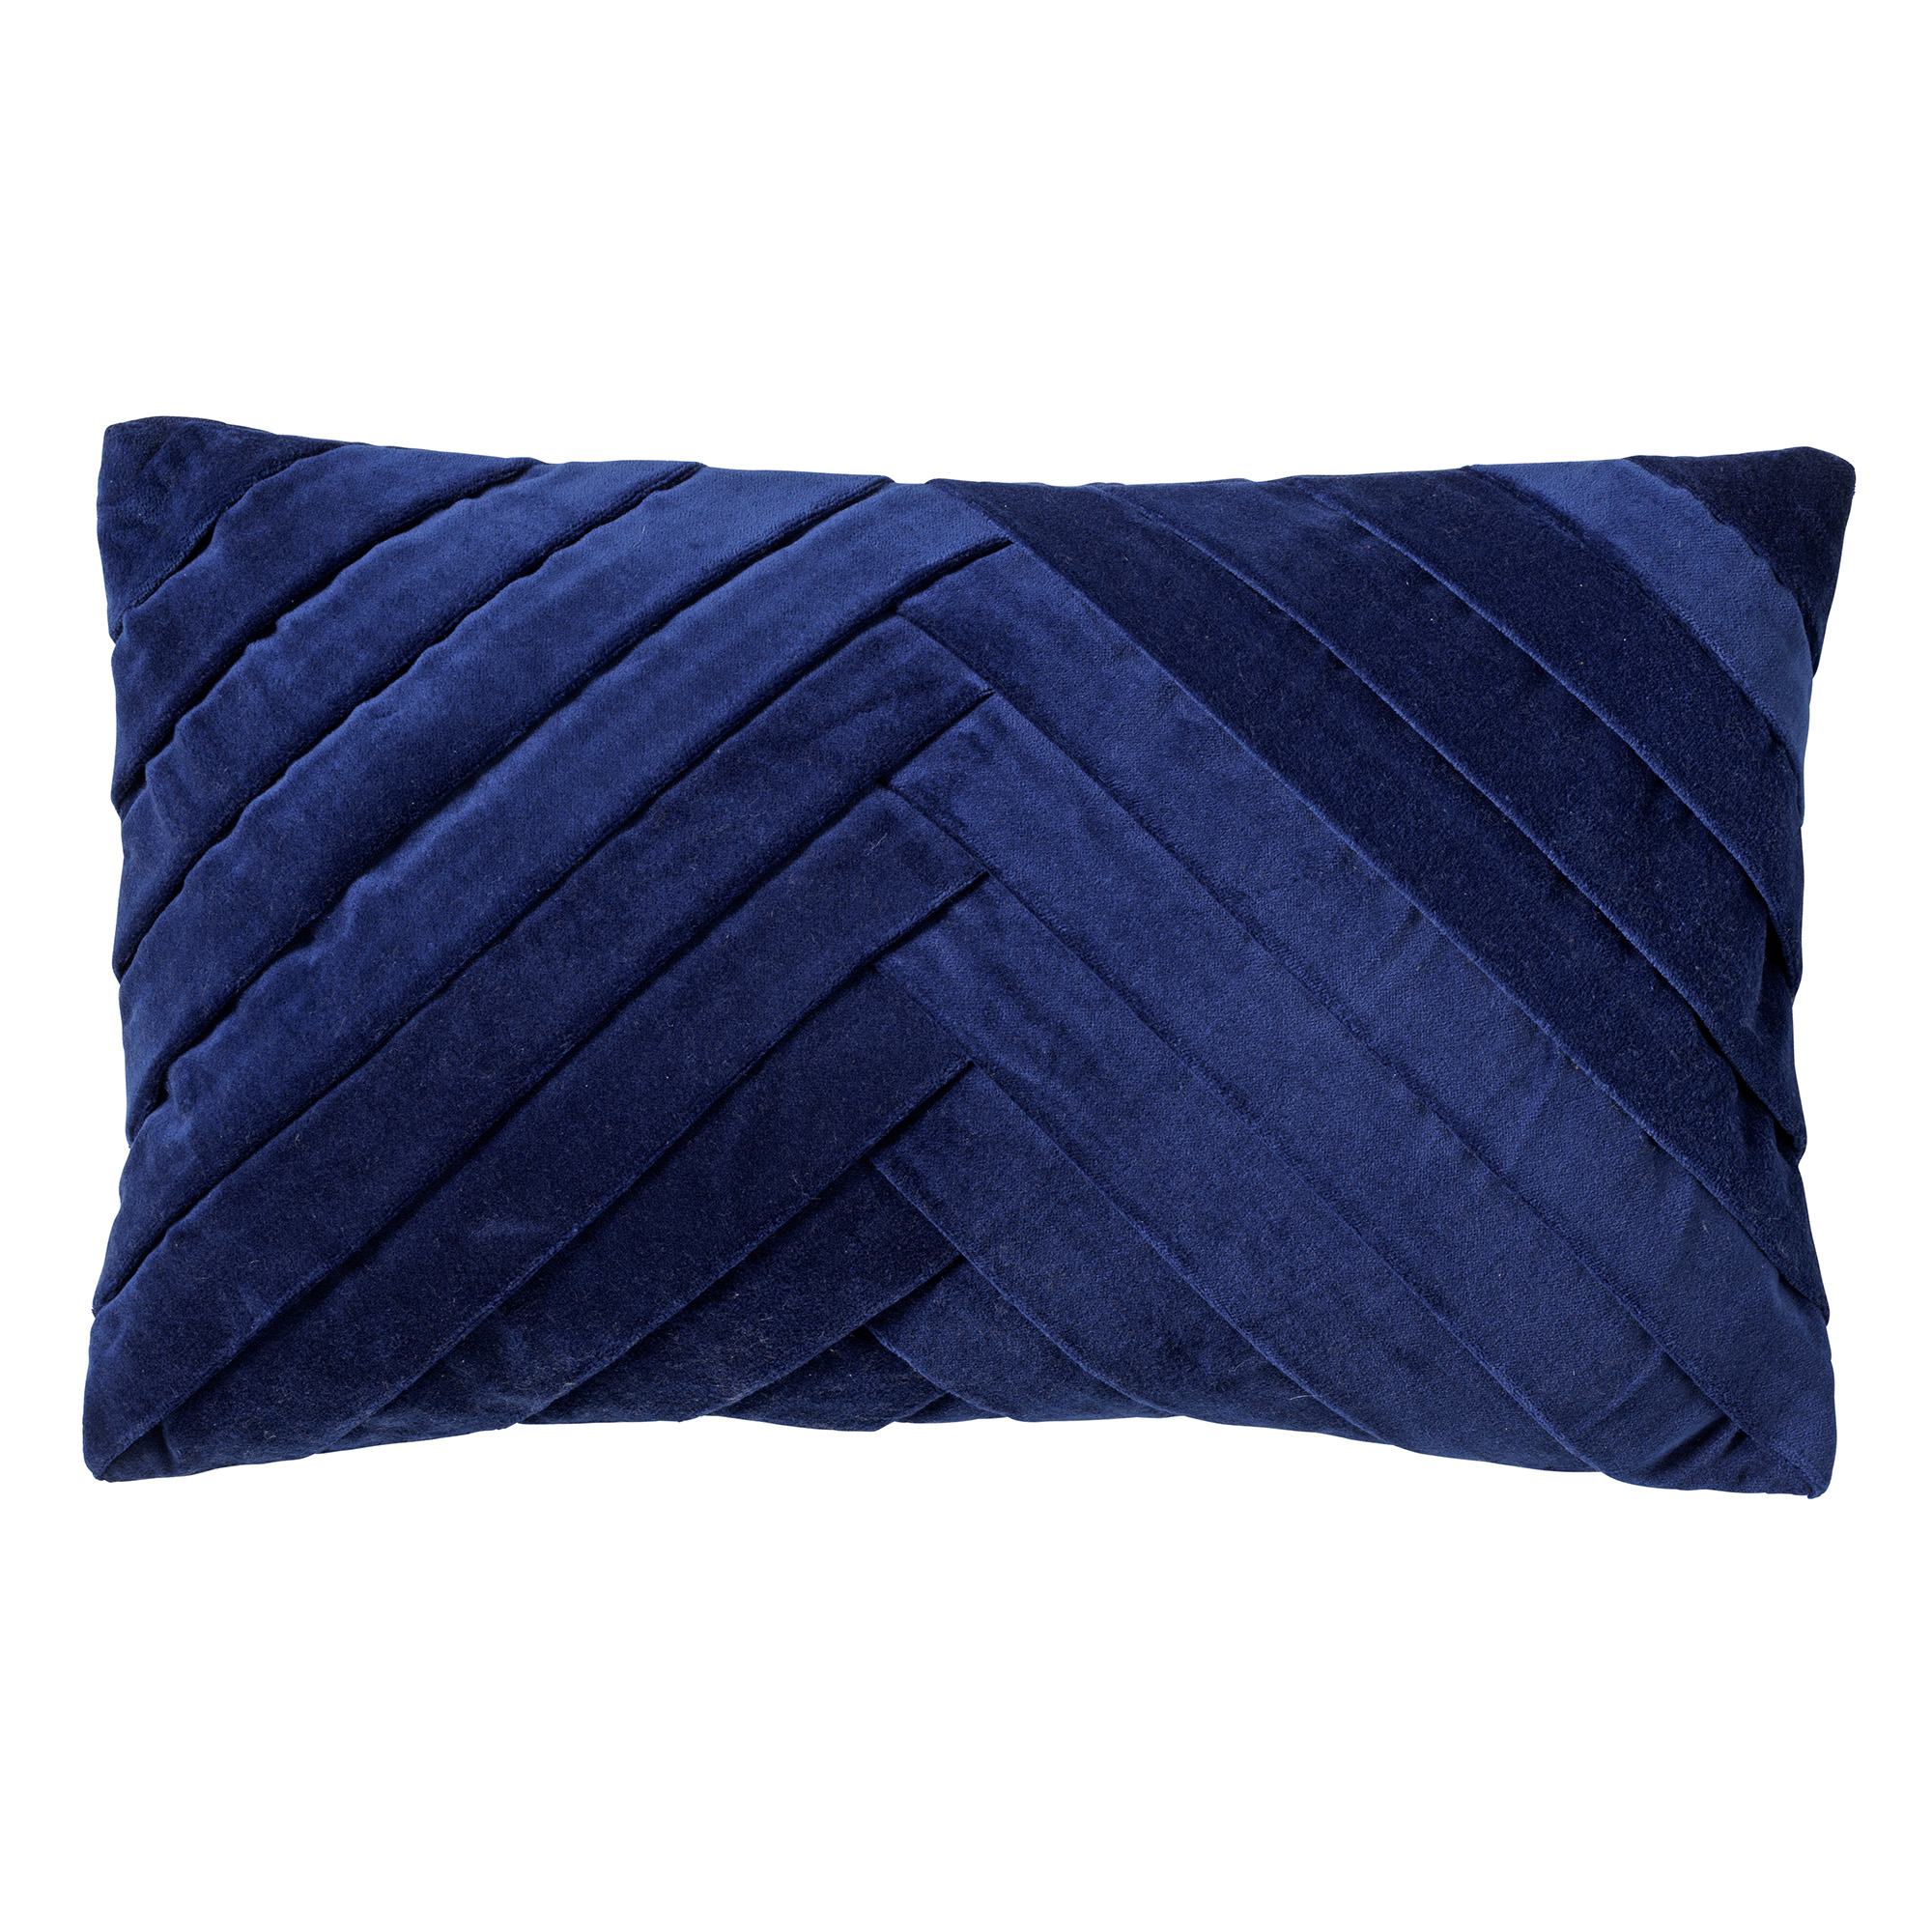 FEMM - Kussenhoes velvet 30x50 cm Insignia Blue